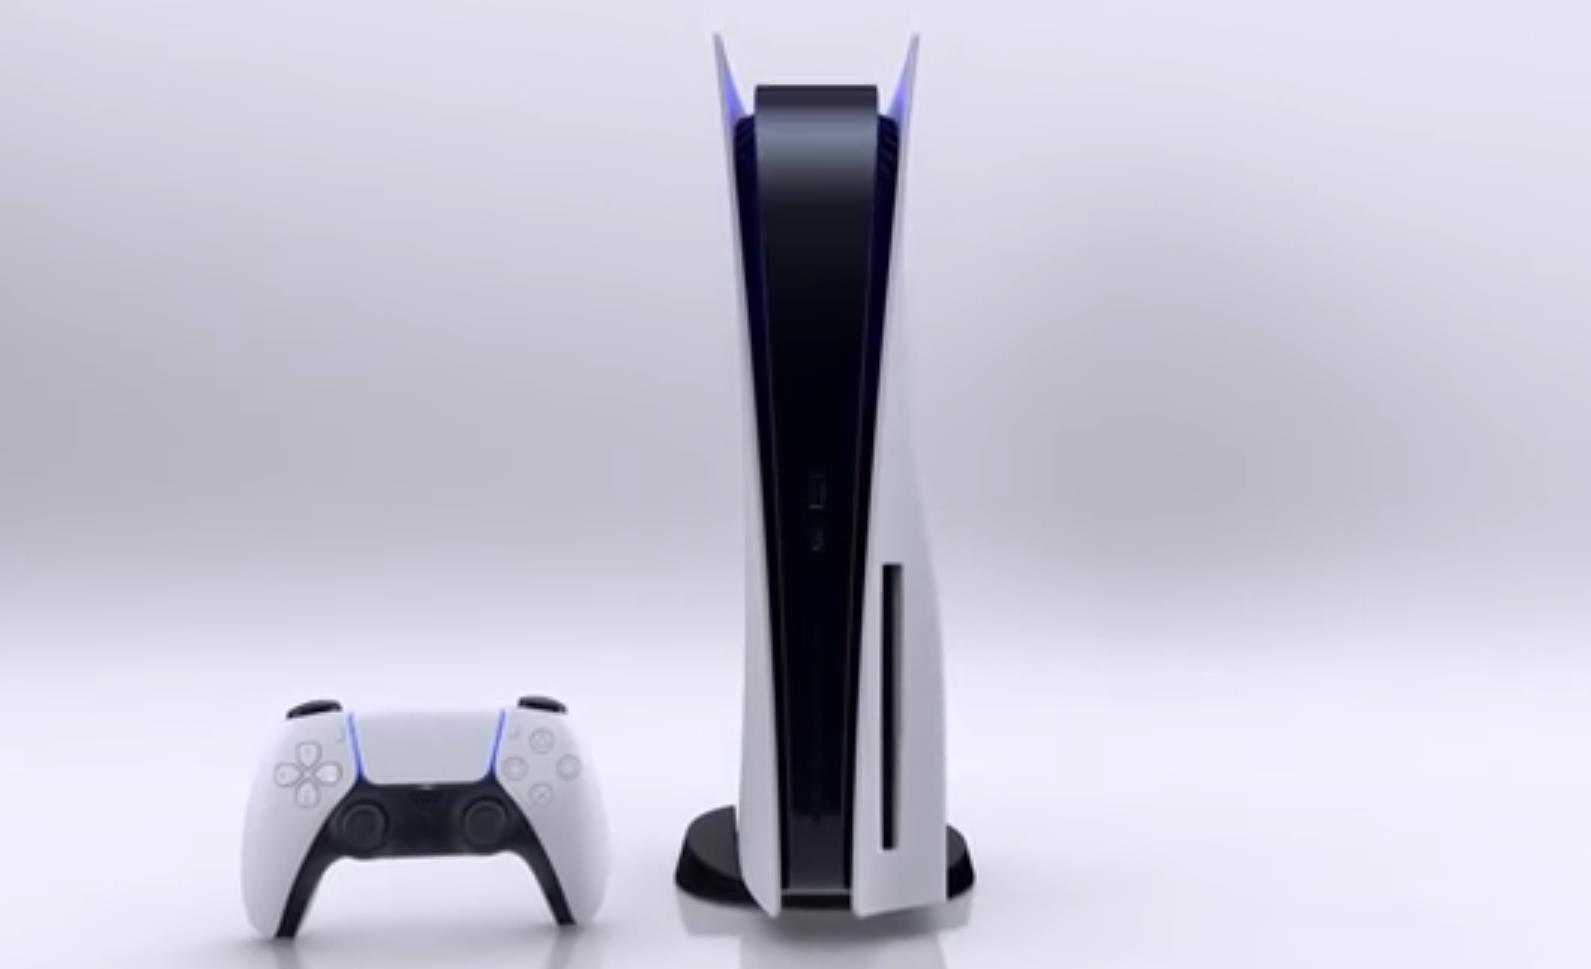 索尼PS5主机官方介绍,足可预窥11月上市PS5真面目